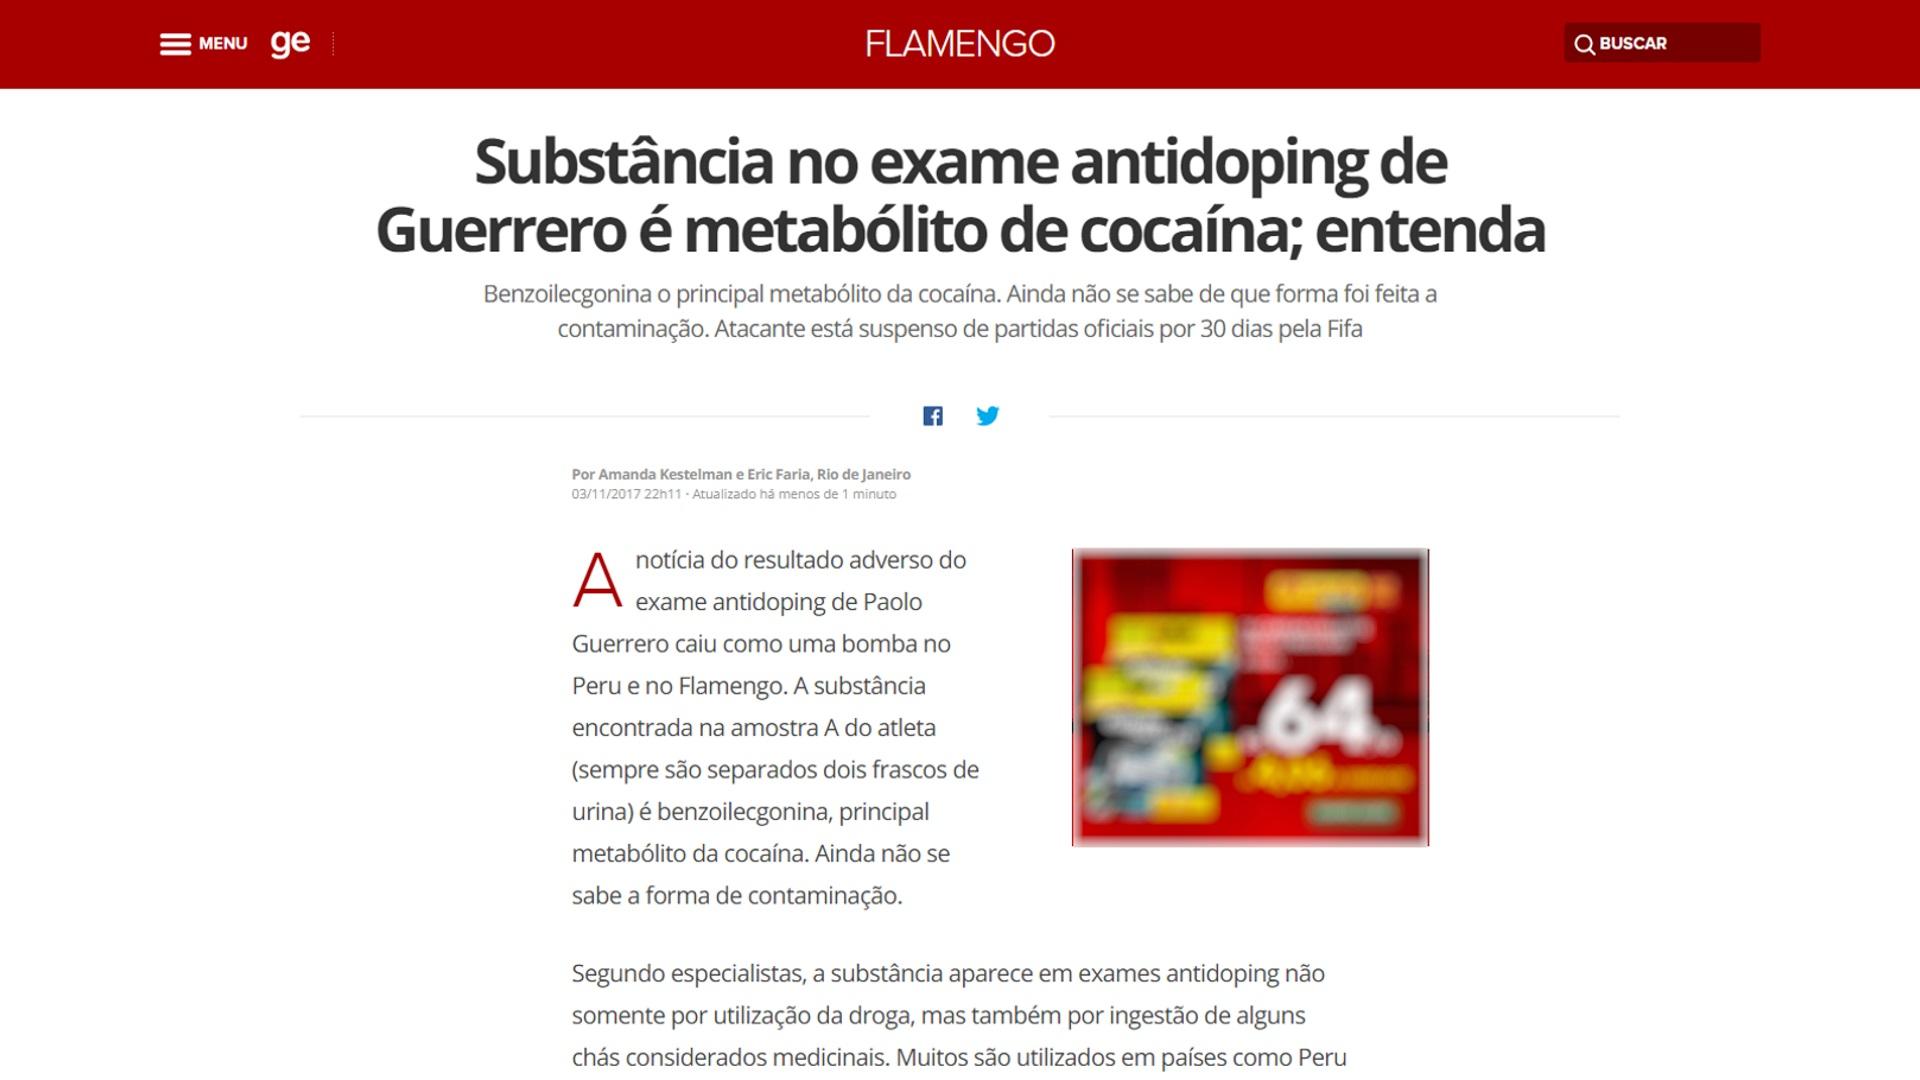 La nota que publicó el medio brasileño O'Globo